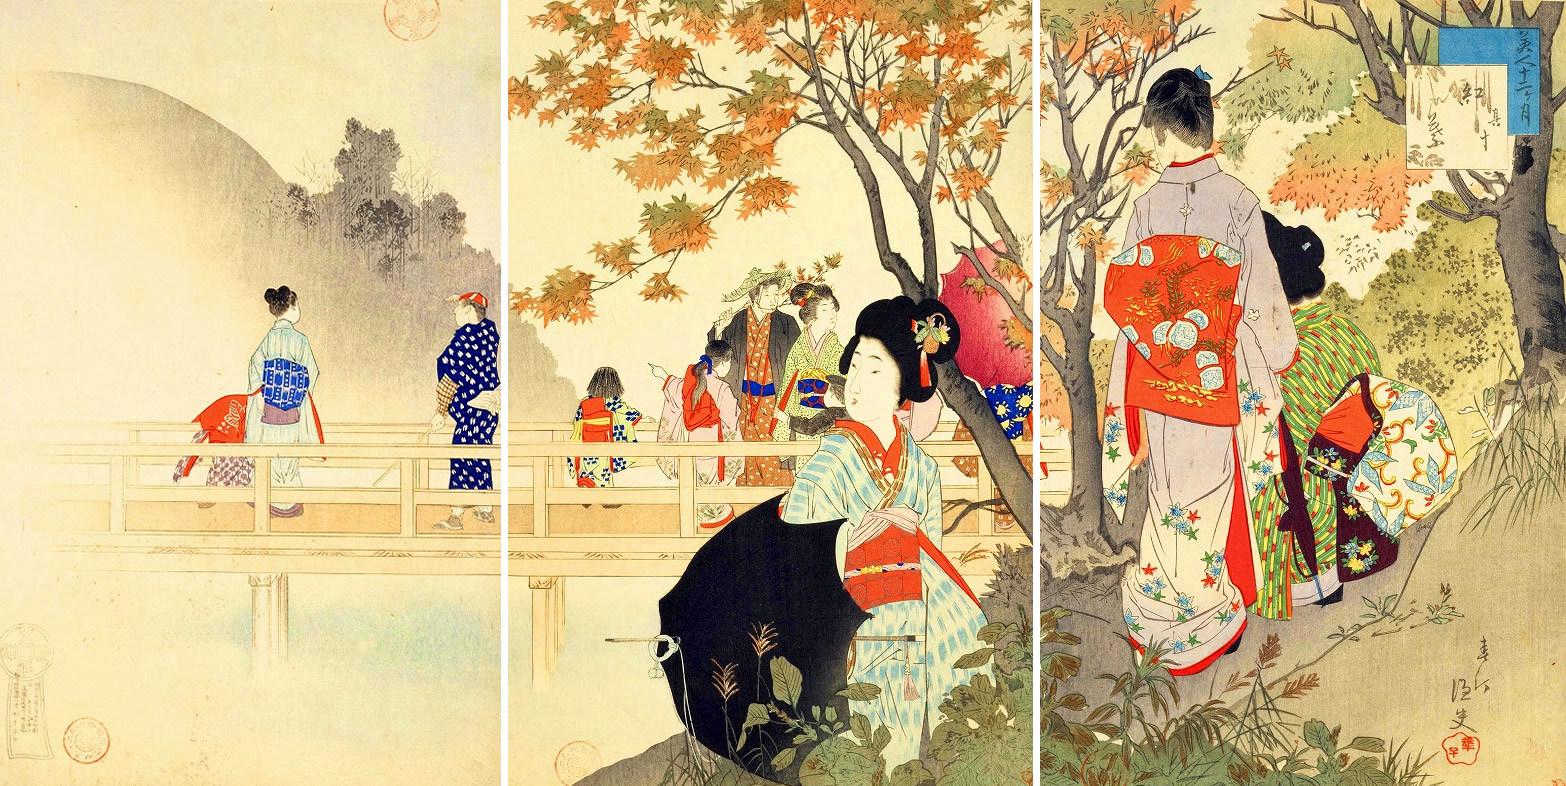 «Οκτώβριος» | Έργο του Μιγιαγκάουα Σιουντέι 宮川春汀 (1873-1914)